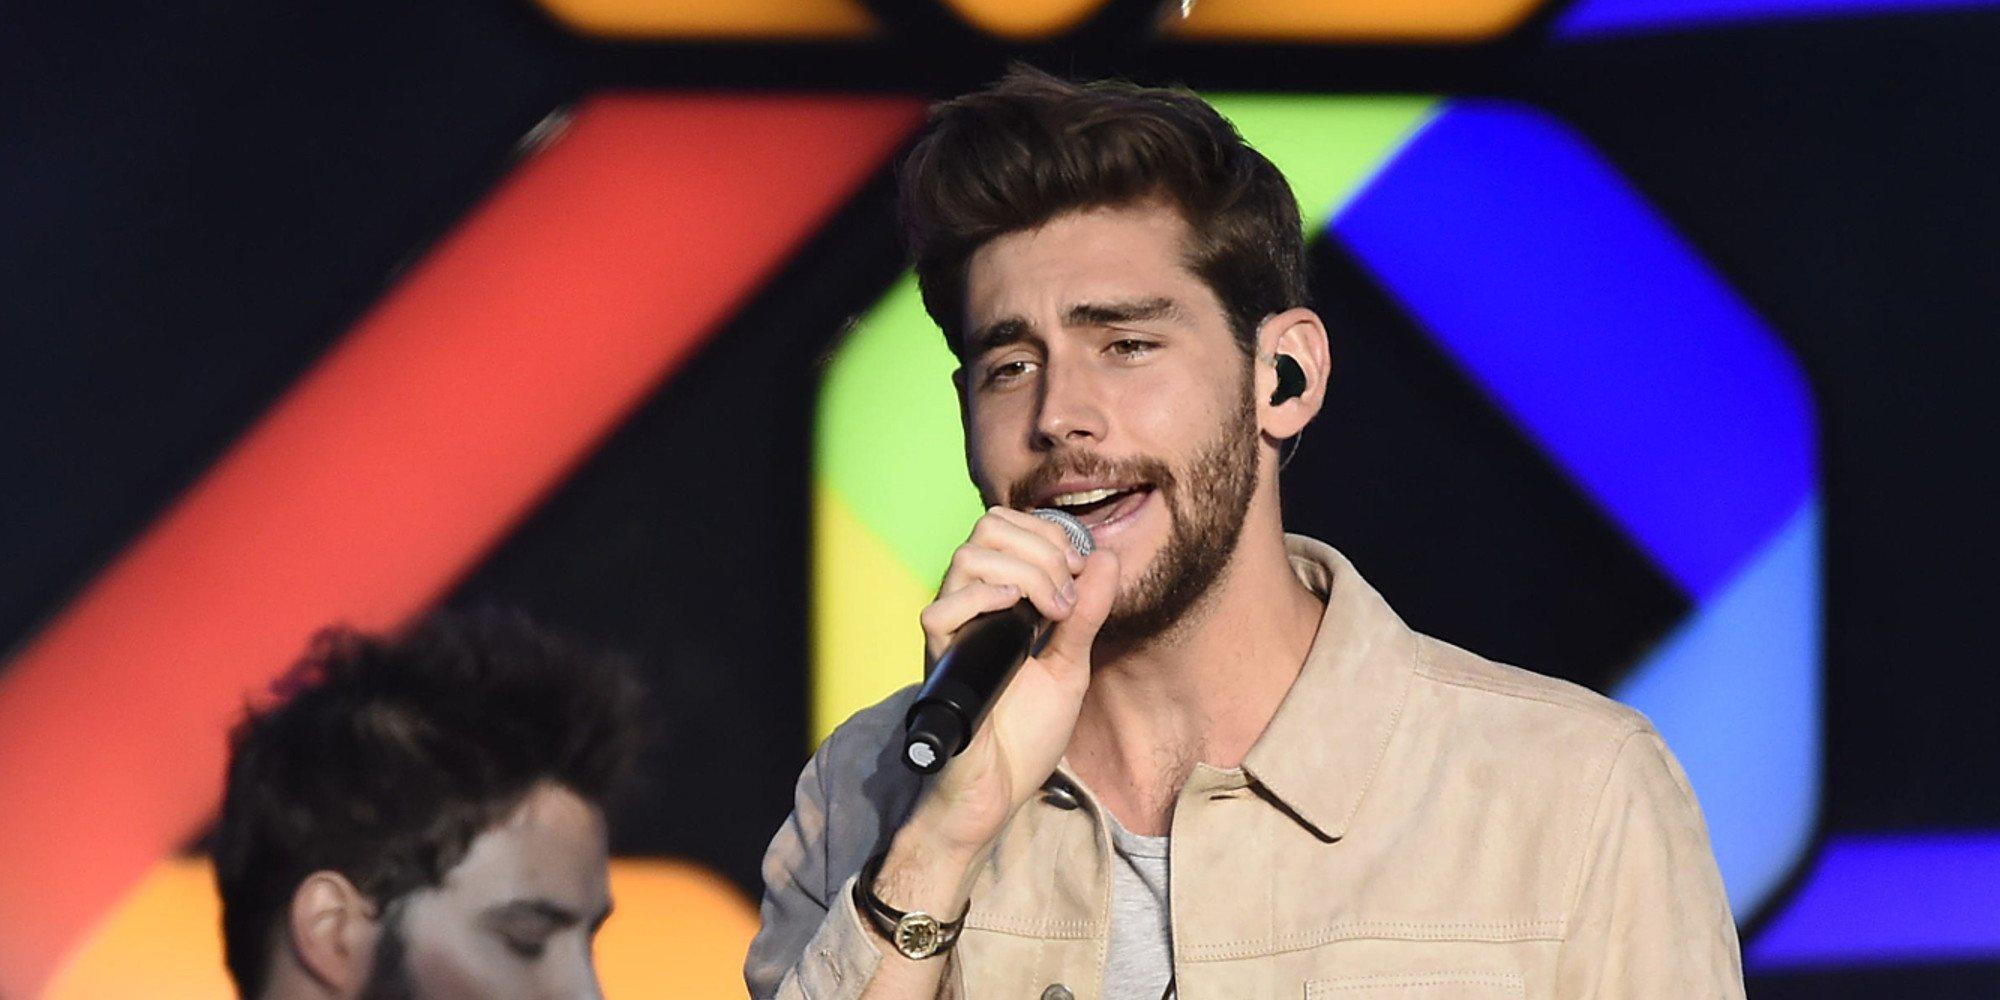 Álvaro Soler, Blas Cantó y Paty Cantú, protagonistas de los lanzamientos musicales de la semana